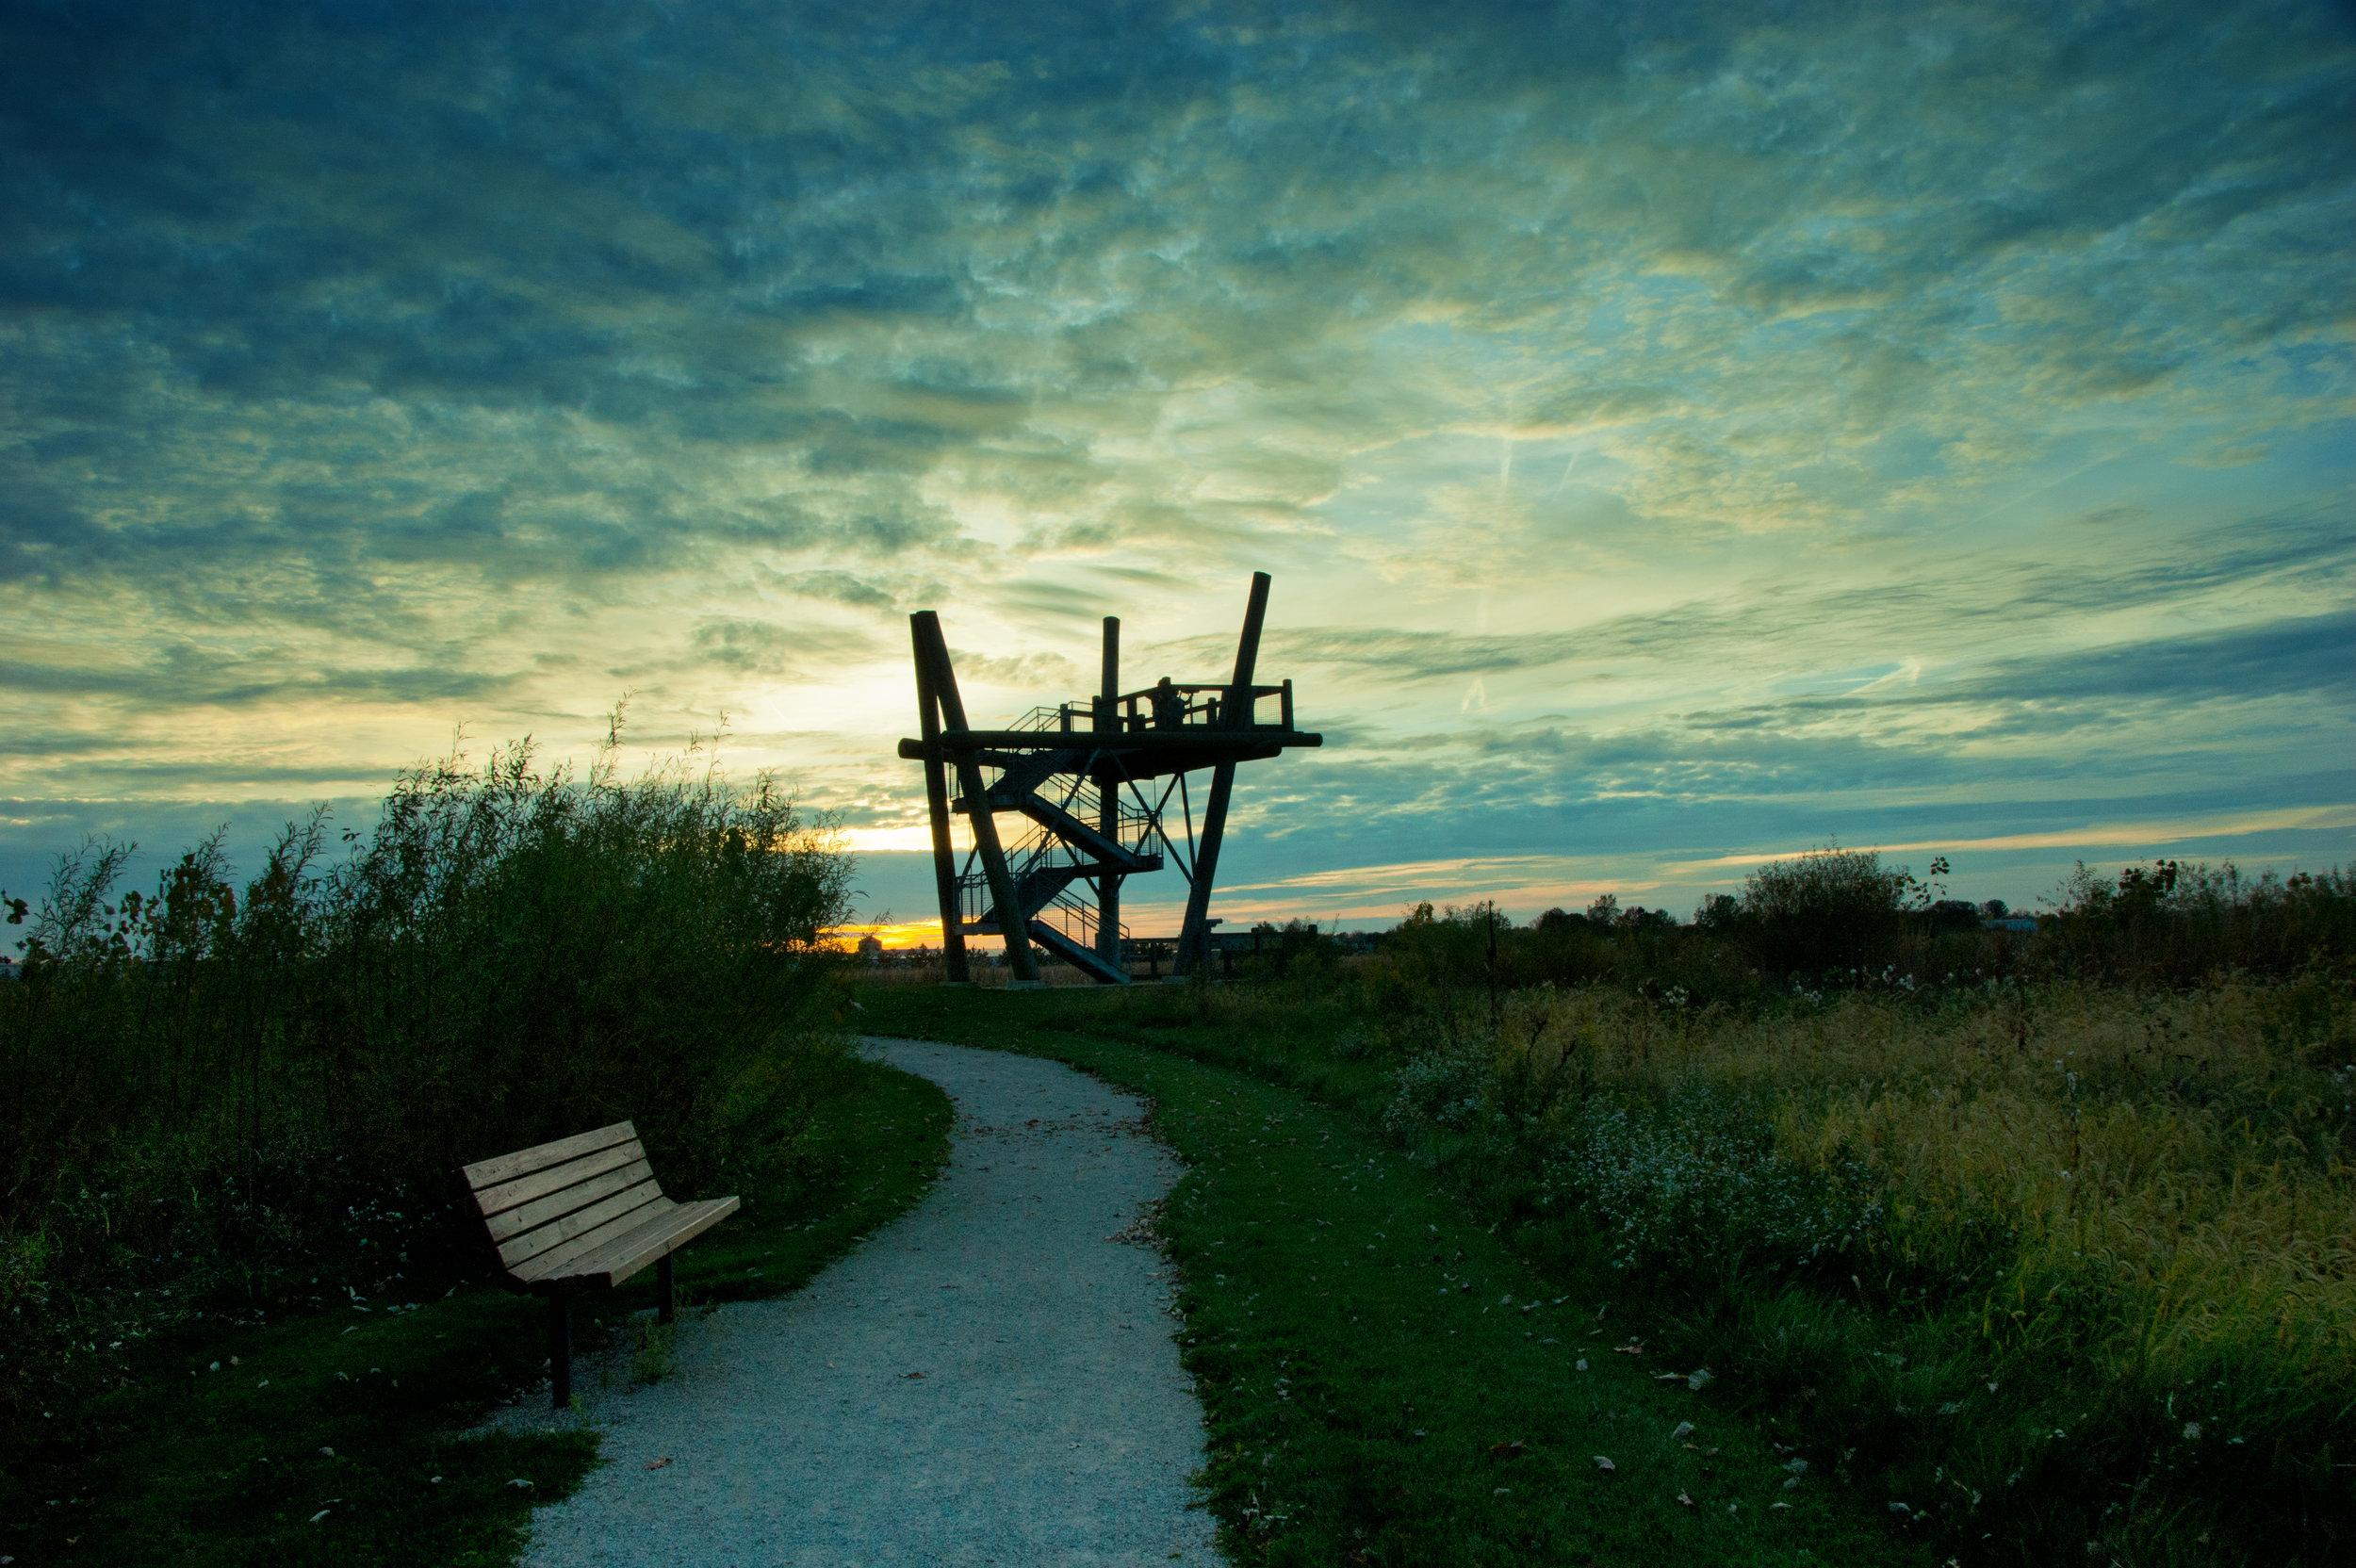 GLR_observation tower at wetlands_RR.jpg